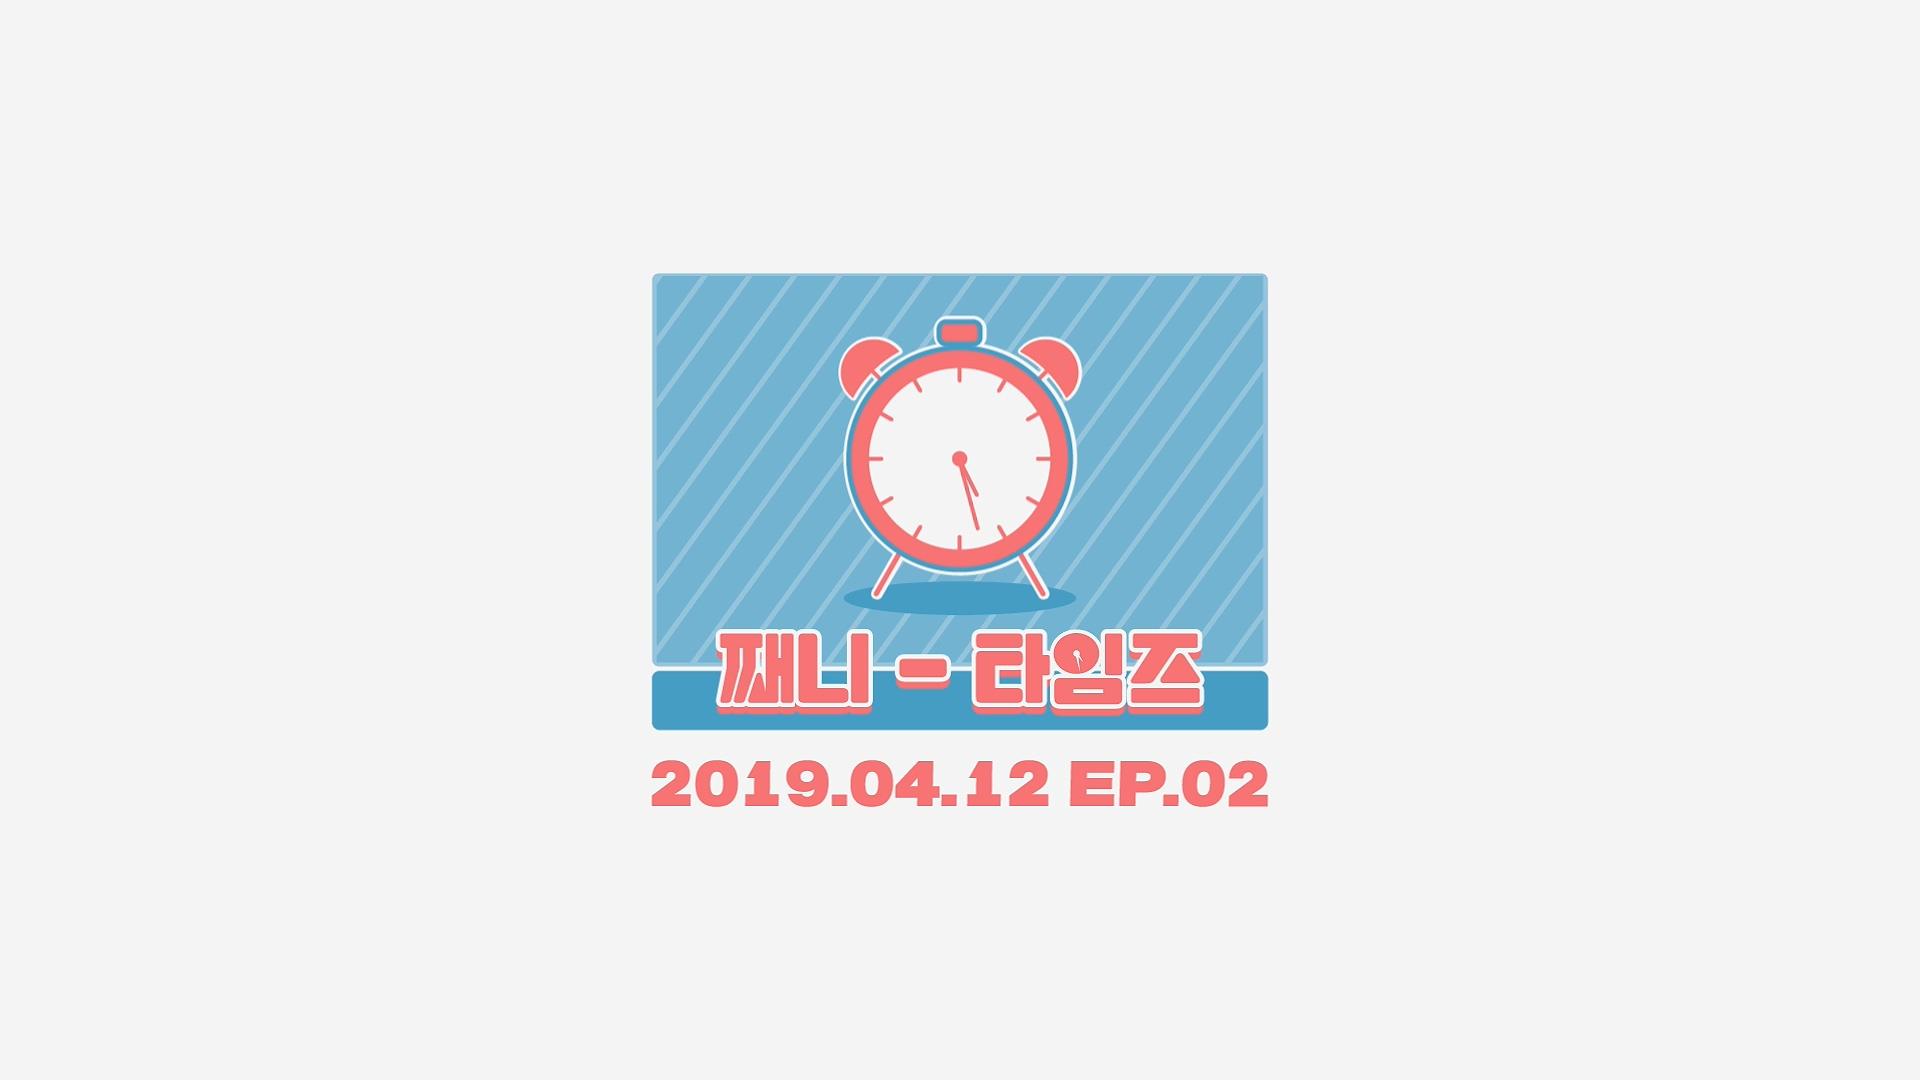 [째니타임즈] 김재환(Kim Jaehwan)_째니타임즈 EP.02 더스타 화보 촬영 비하인드